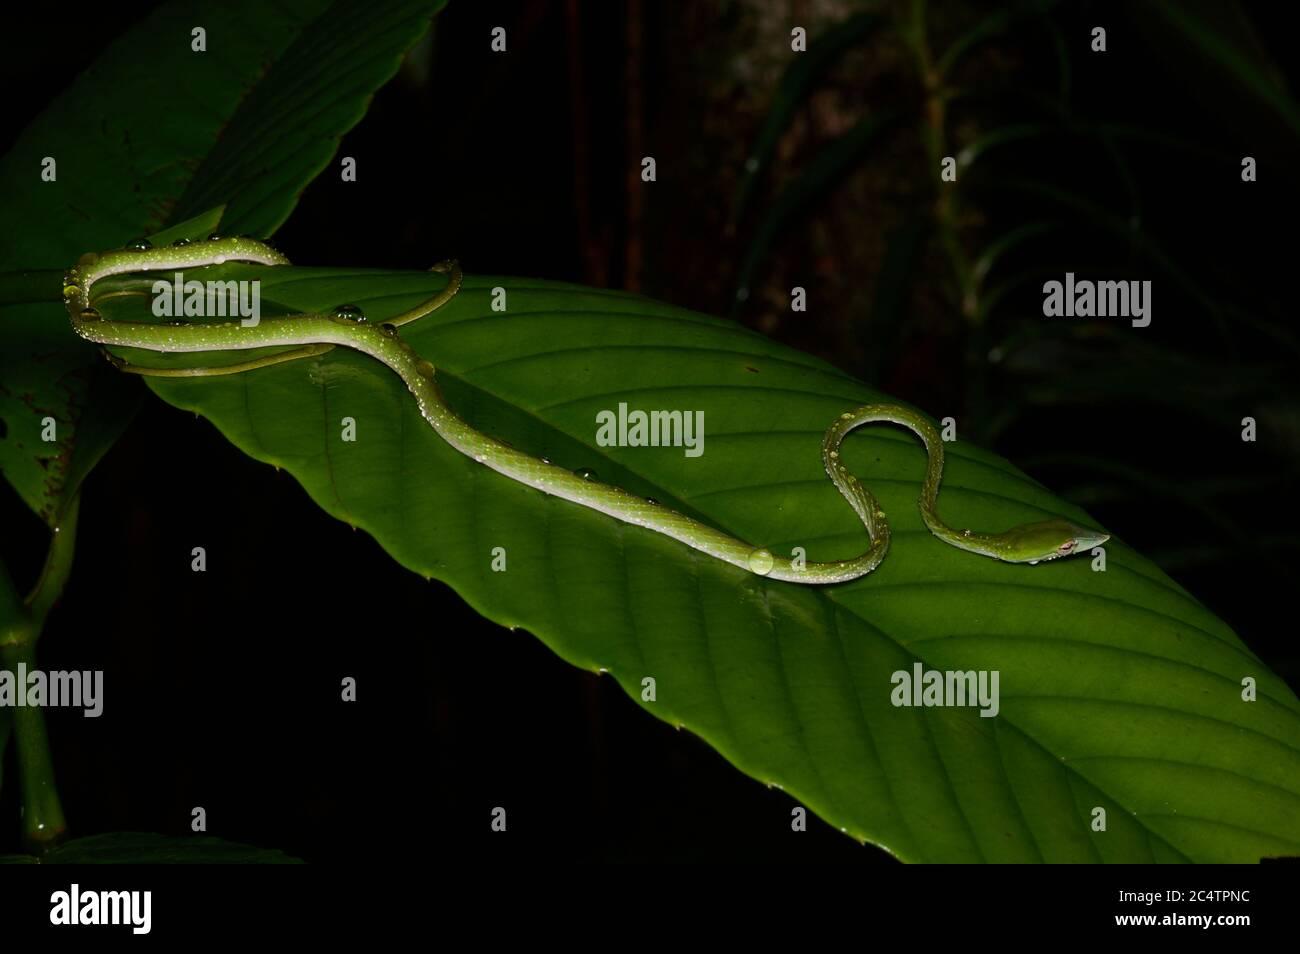 Un jeune serpent à long nez (Ahaetulla nasuta) buvant d'une feuille humide la nuit dans la forêt tropicale des basses terres de Kalutara, Sri Lanka Banque D'Images